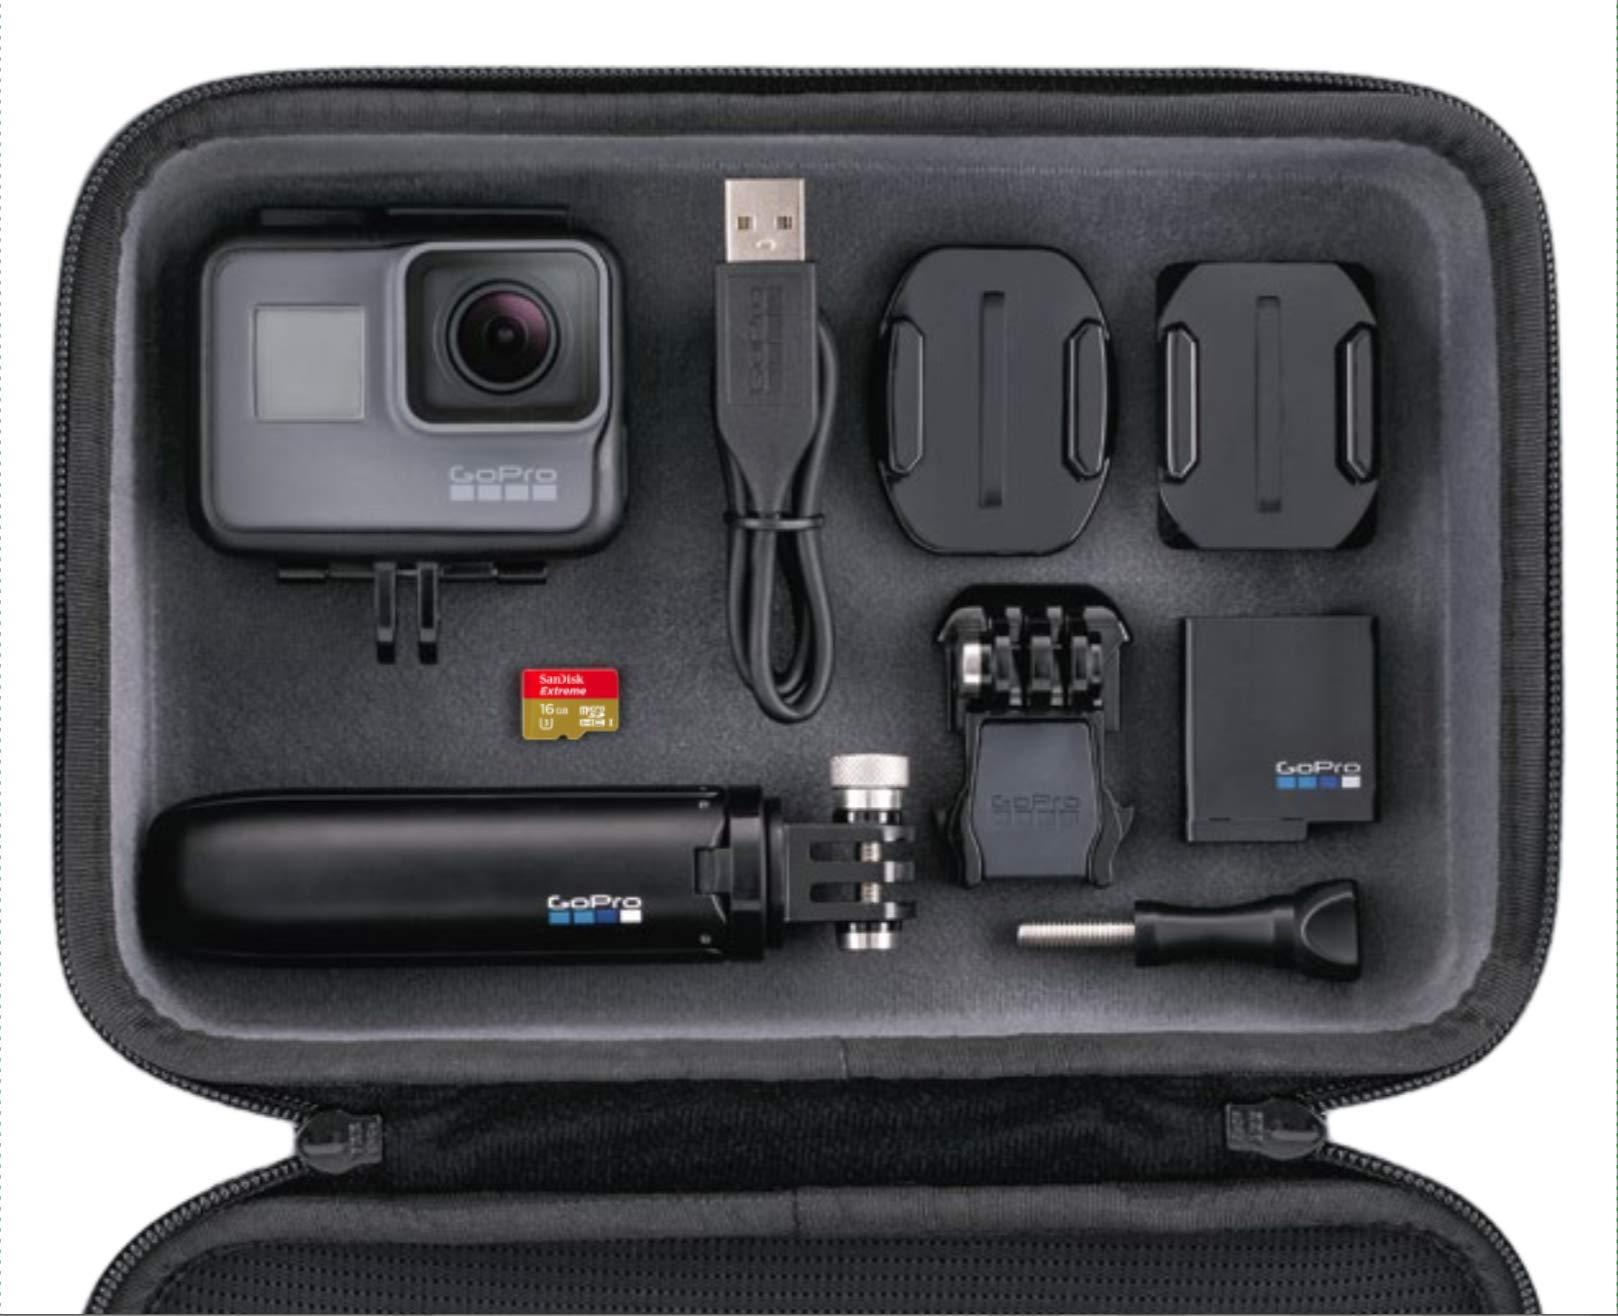 Pack GoPro Hero5 Black - Cámara deportiva 12 MP (4K, 1080p, WIFI + Bluetooth, control por voz, pantalla táctil) + GoPro Shorty (vara de extensión y trípode) + tarjeta SD 16GB + batería + carcasa: Amazon.es: Electrónica